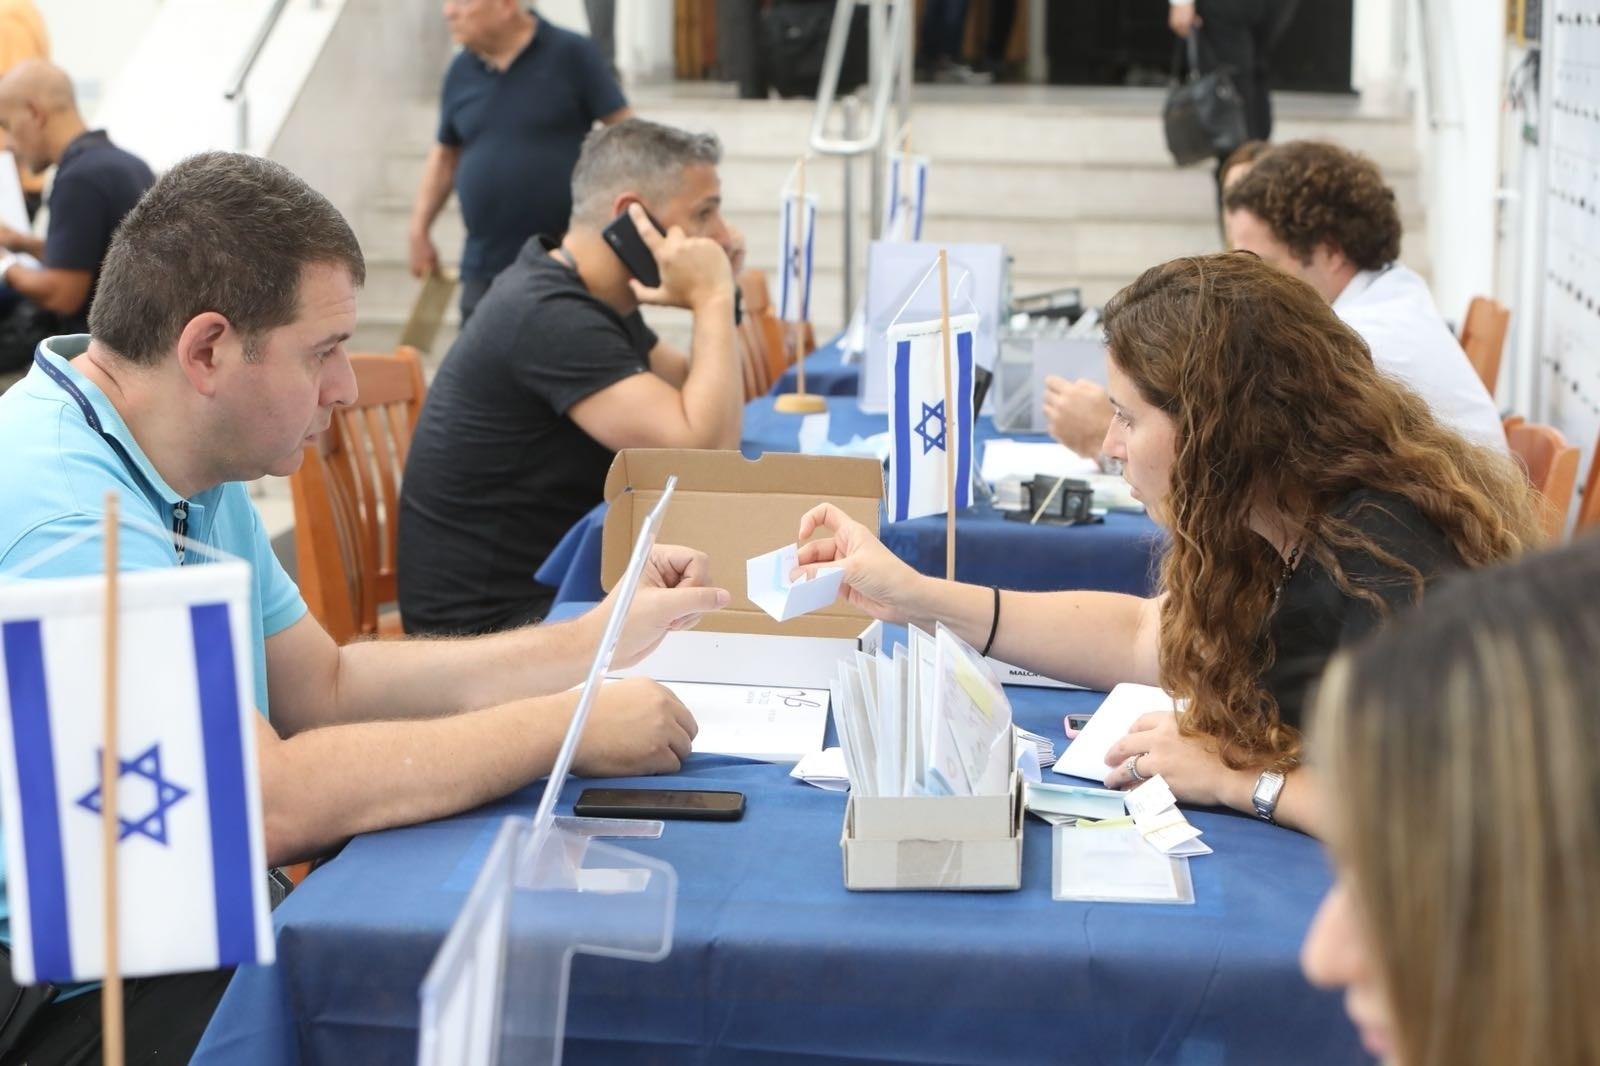 גלרייה - יריד כחול-לבן 13.08.18 תמונה 12 מתוך 44